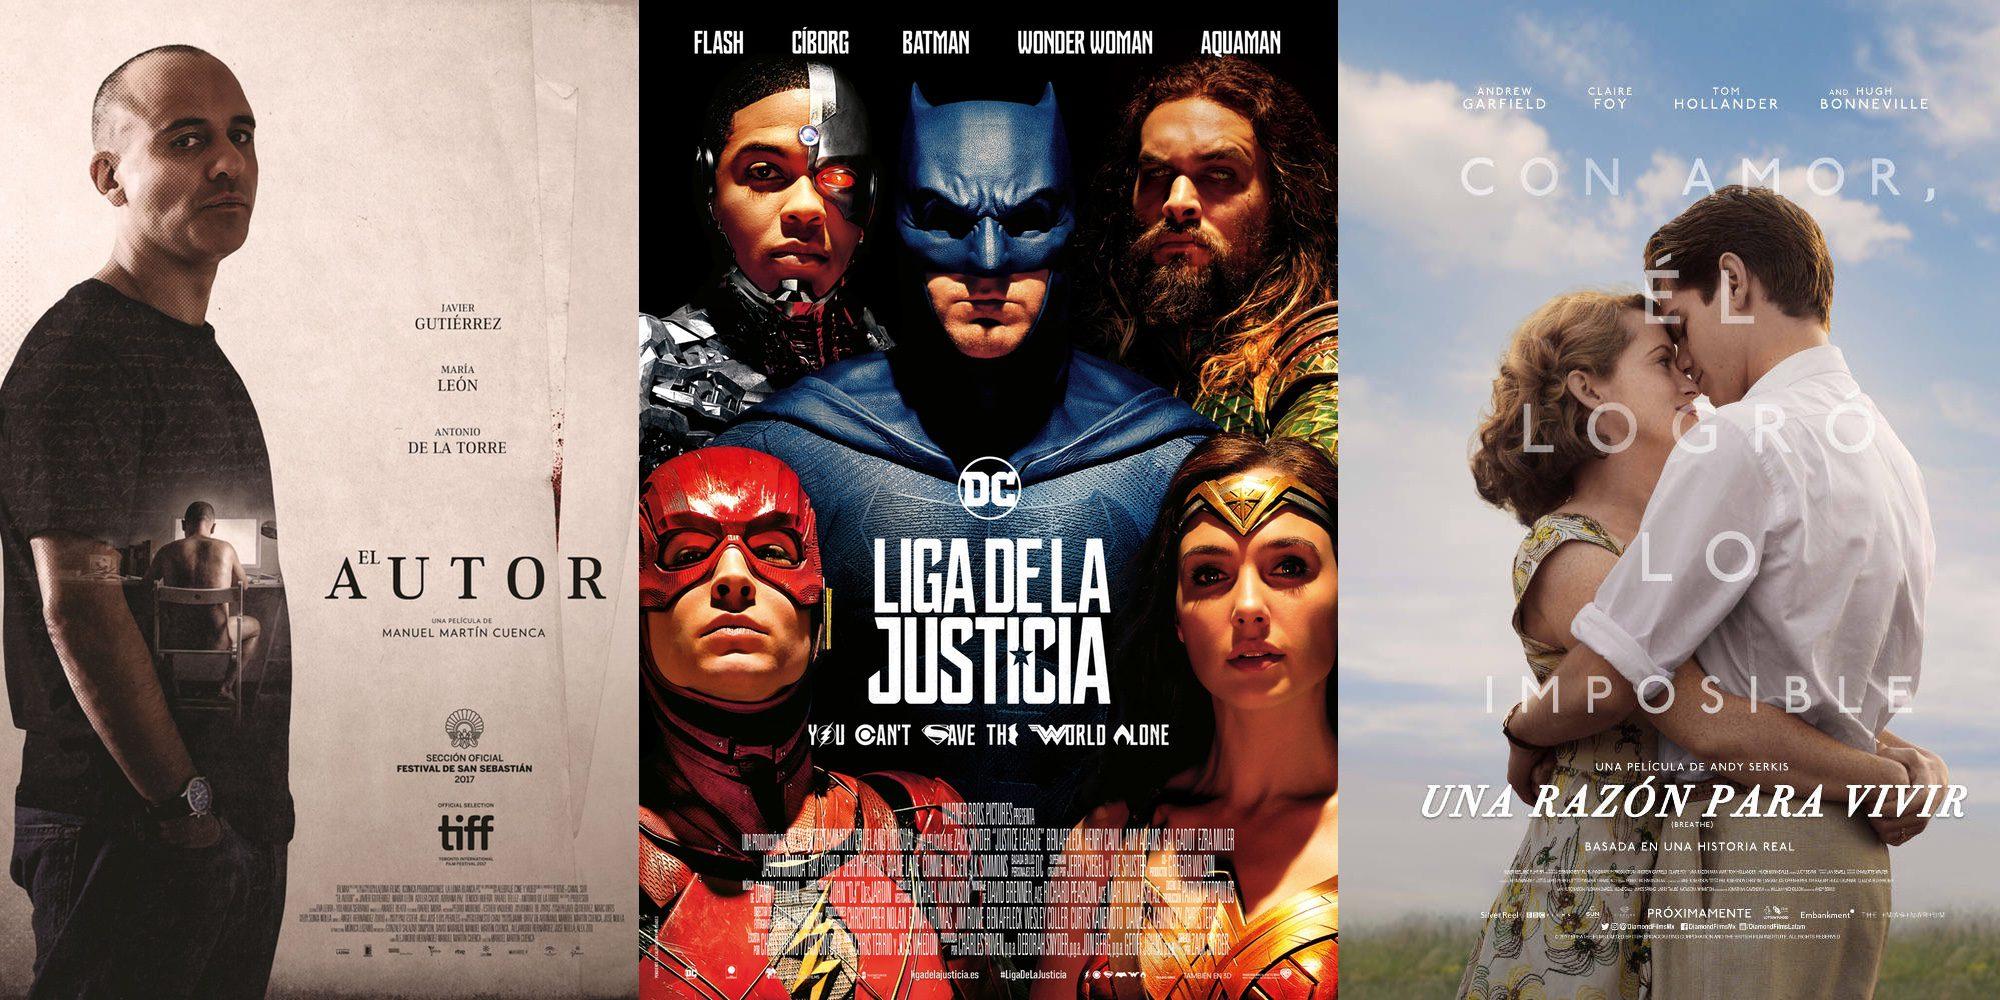 'Liga de la Justicia' y 'Una razón para vivir' lideran la cartelera de esta semana